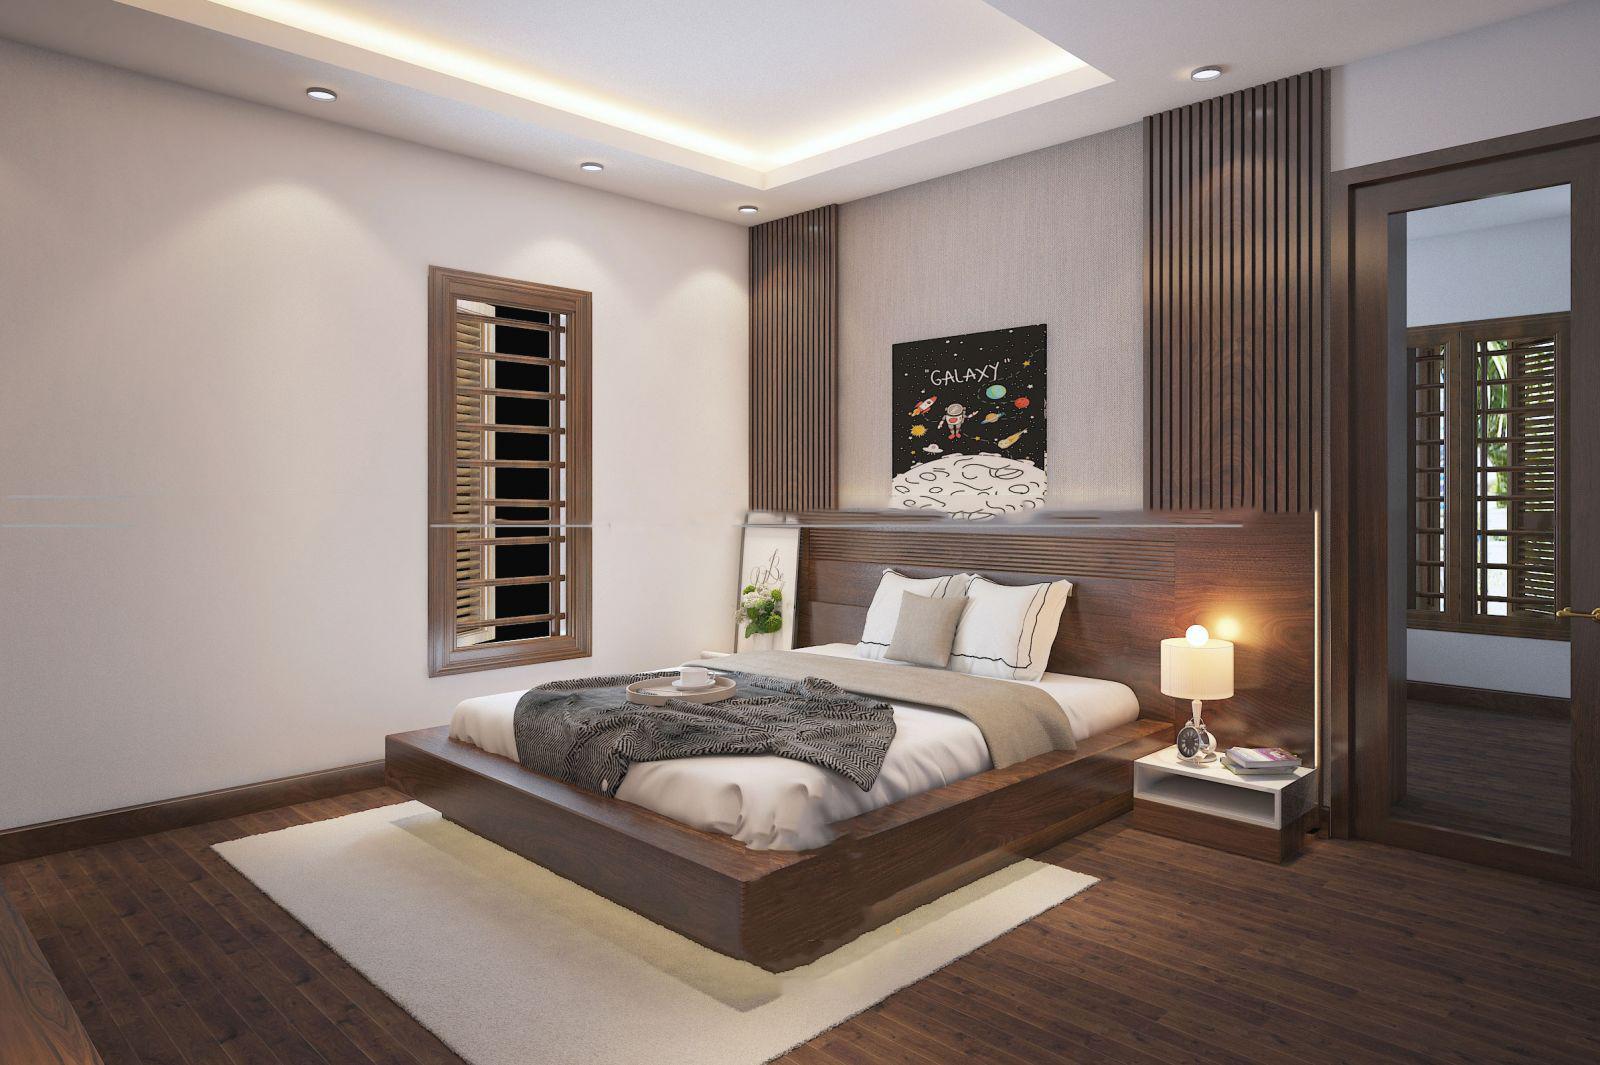 Nội thất phòng ngủ hiện đại tại Lào Cai Sapa